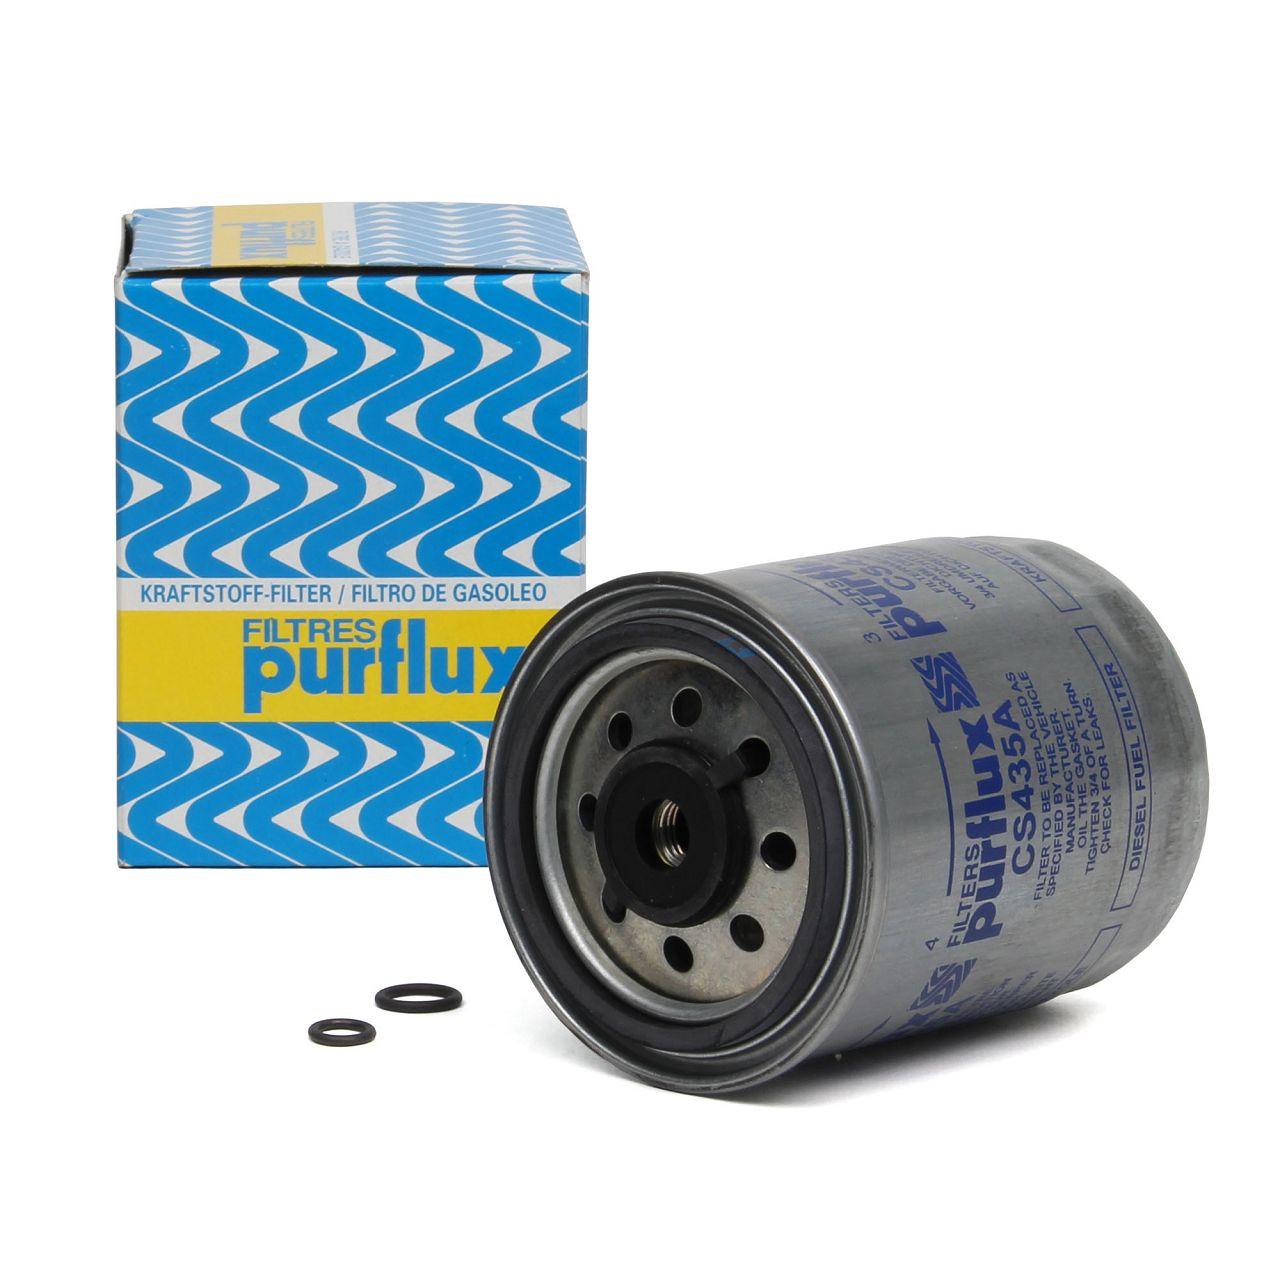 PURFLUX Kraftstofffilter Dieselfilter für Mercedes 190 W201 W202 W124 W210 W463